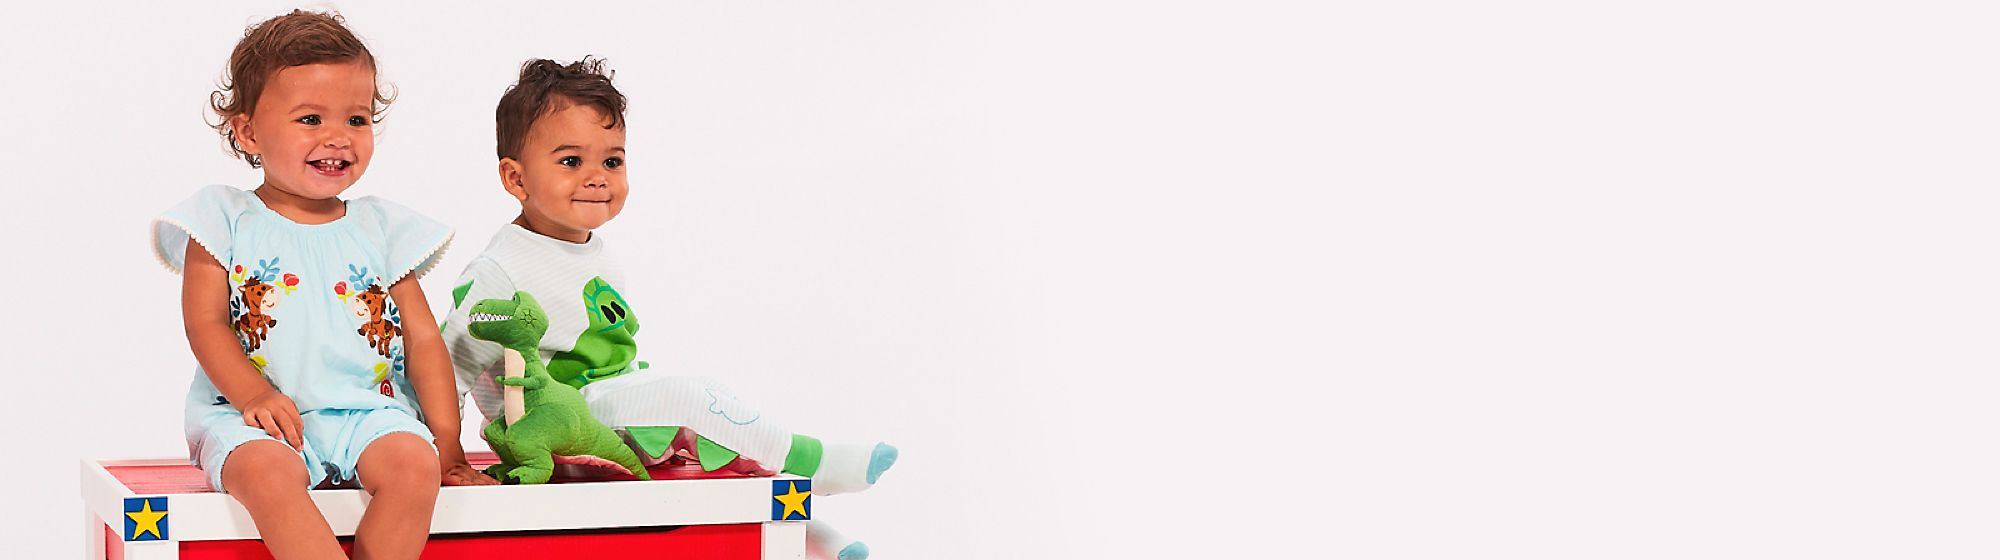 Babybekleidung Wunderschöne Kleidung für deinen kleinen Neuankömmling